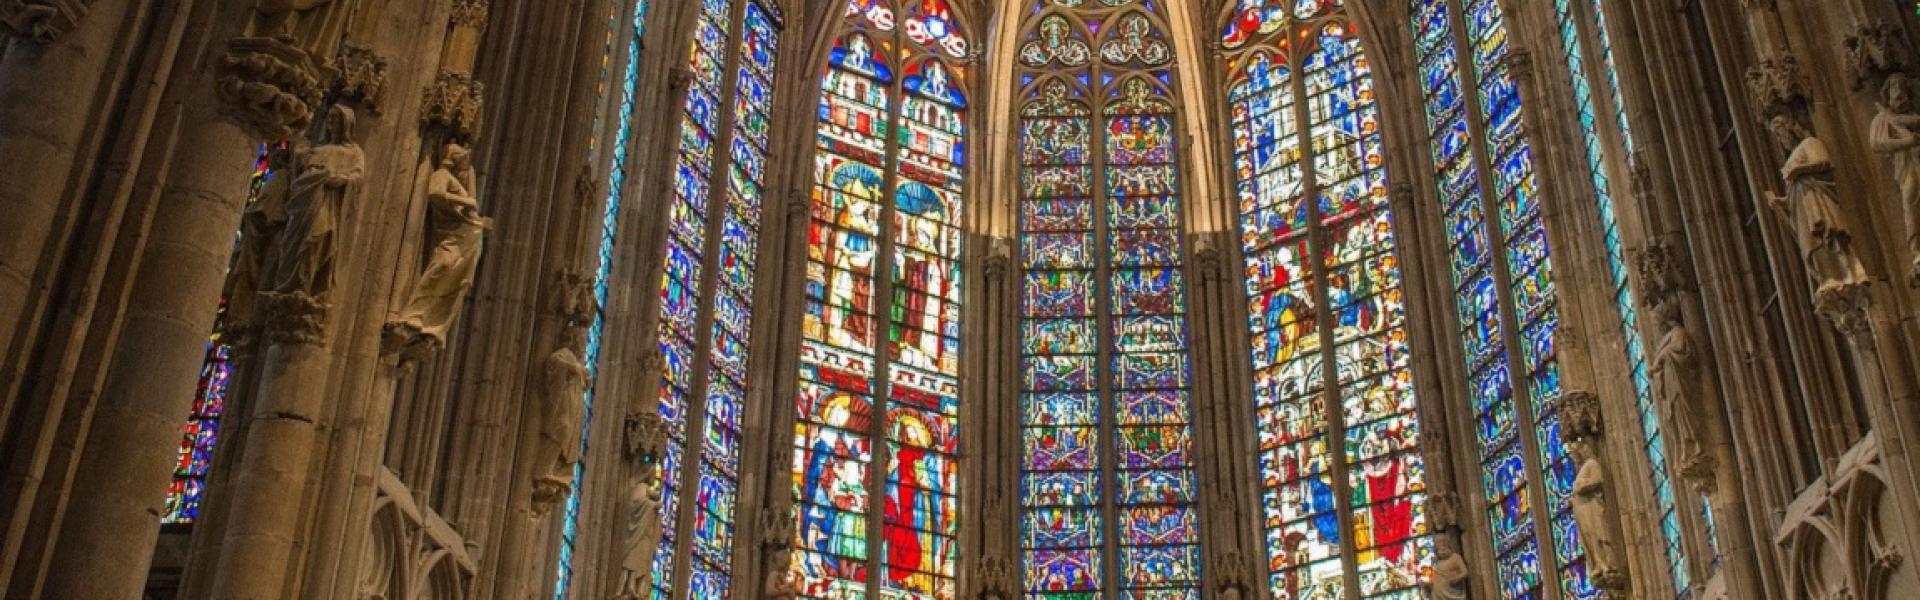 Les vitraux de la basilique Saint-Nazaire